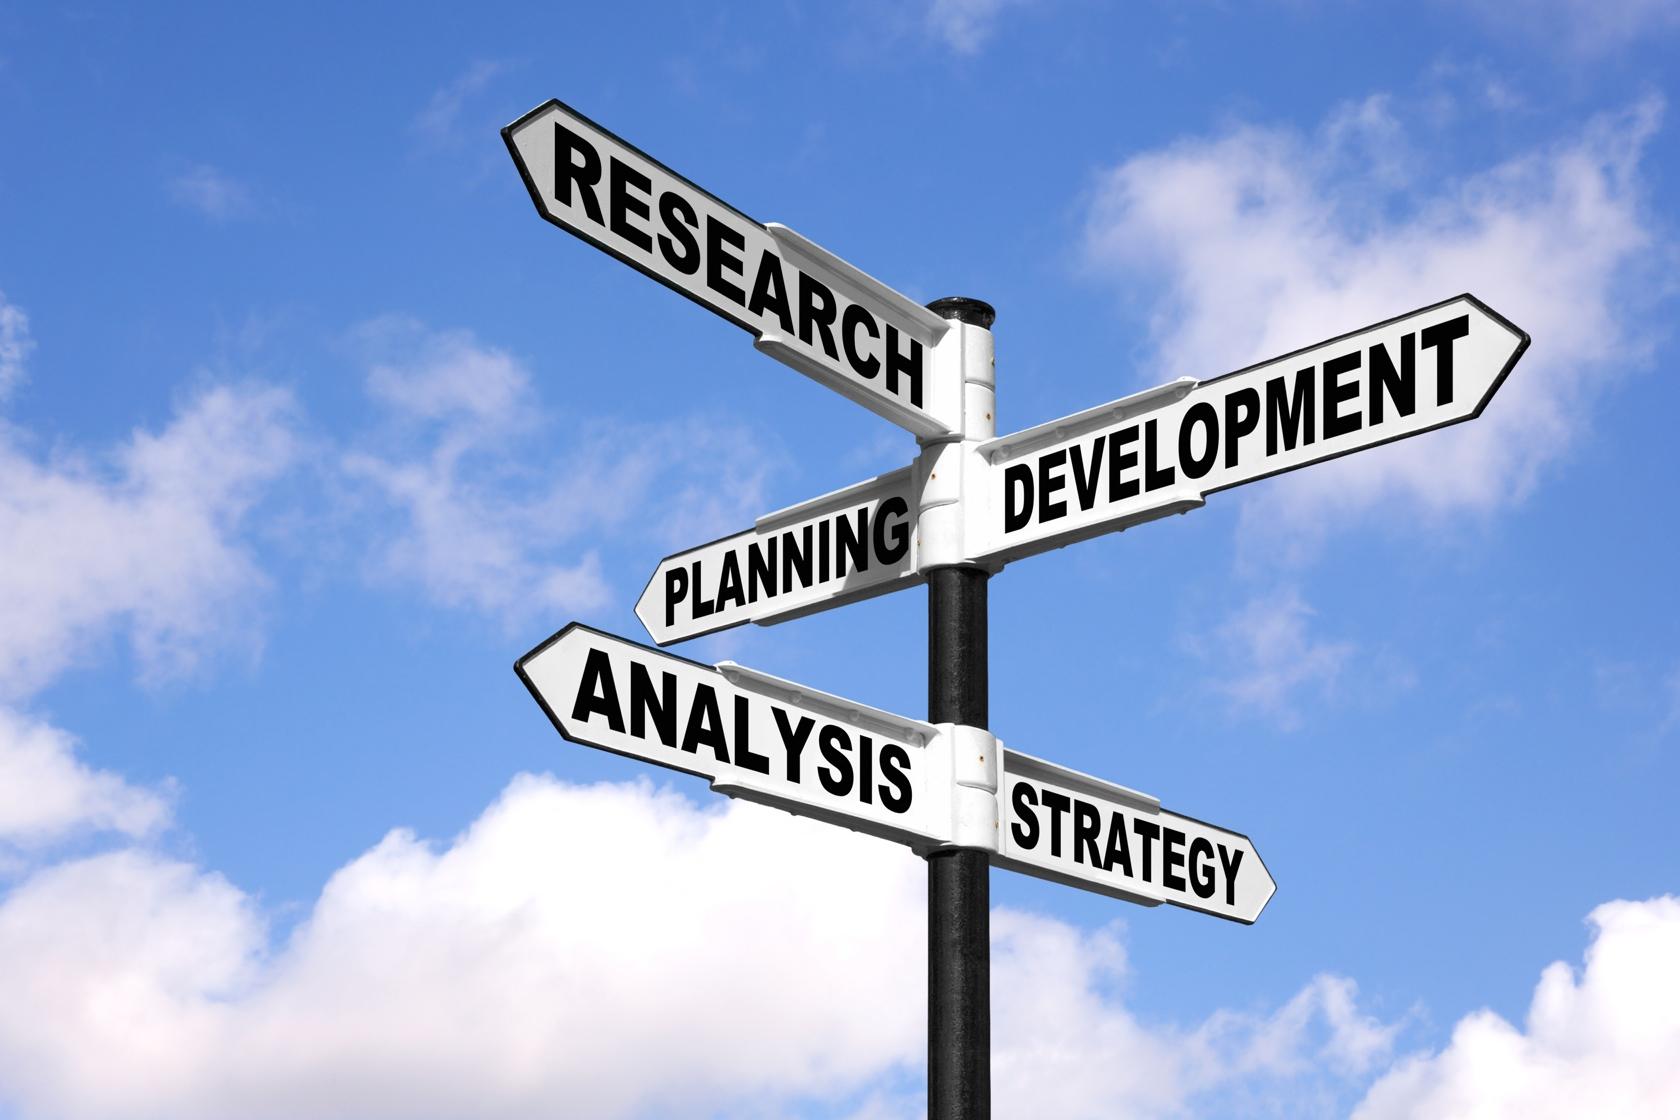 Pesquisa e desenvolvimento